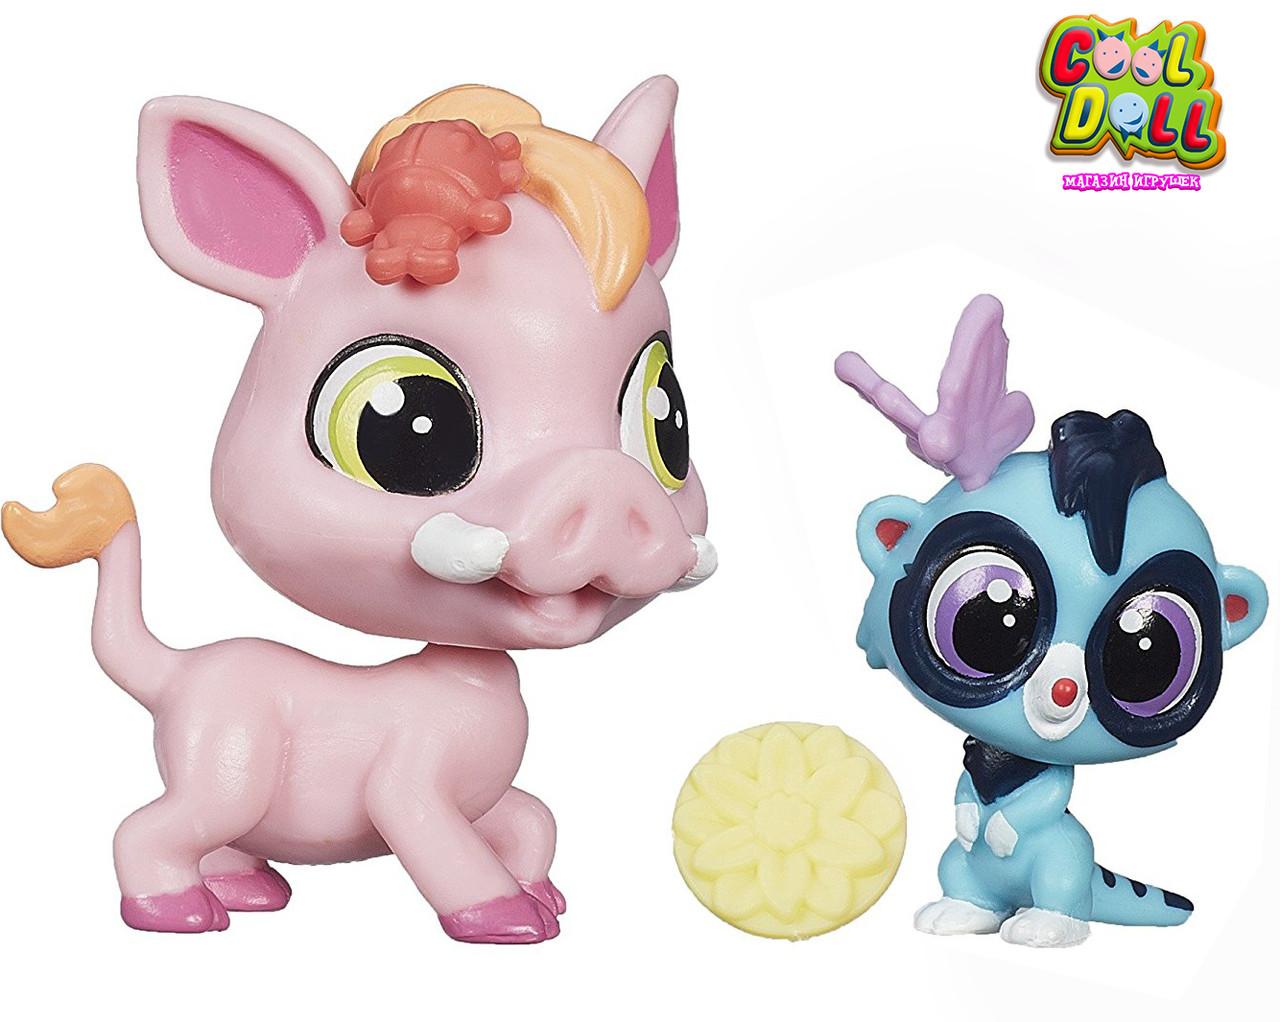 Литл Пет Шоп зверюшки Варен и Мира Hasbro Littlest Pet Shop Warren Plainley and Mira Surrey